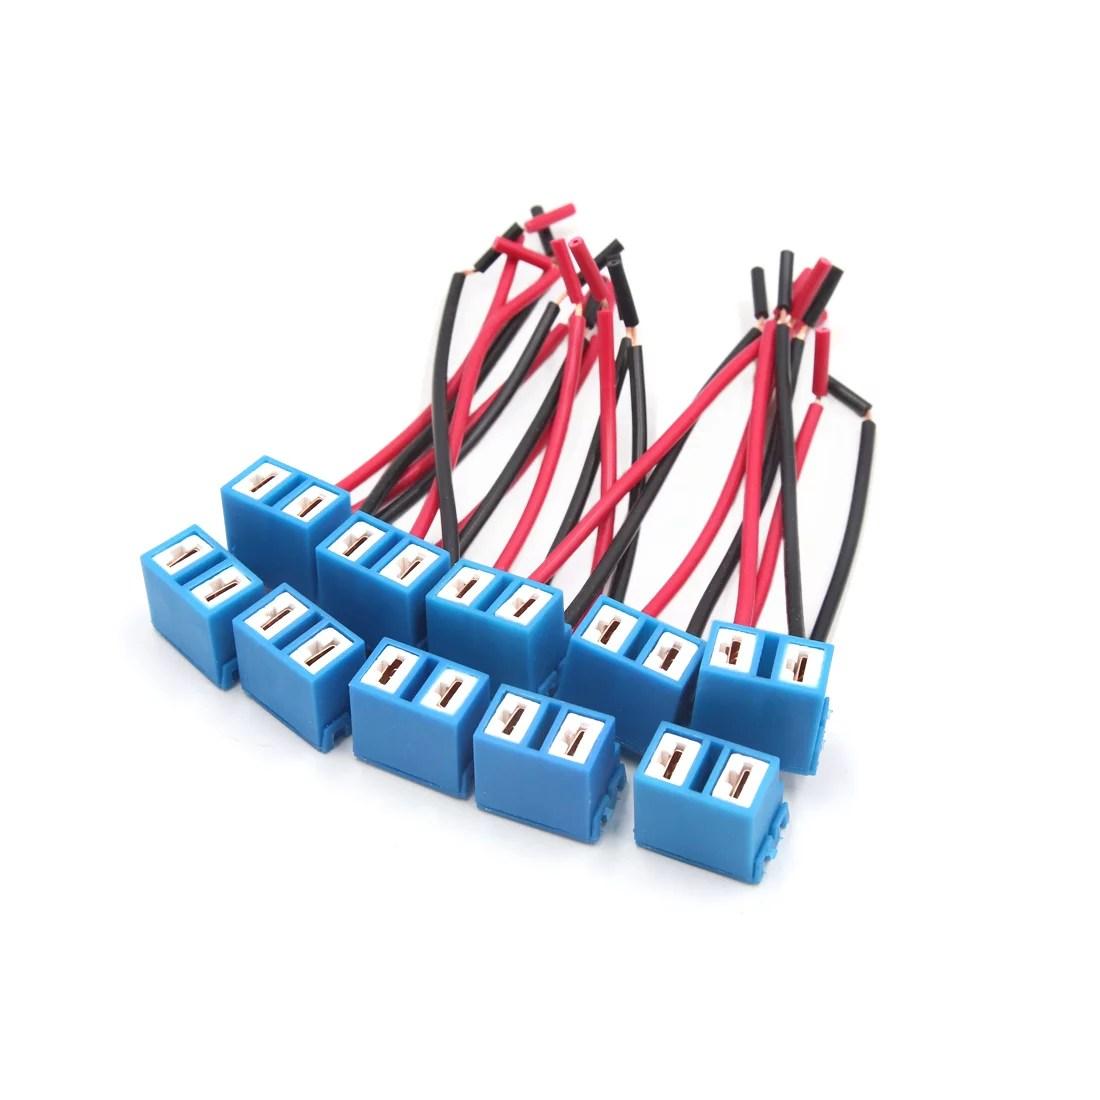 medium resolution of 10pcs ceramic car h7 headlight fog lamp wiring harness socket rh walmart ca 2006 nissan 350z headlight wire harness headlight plug wiring